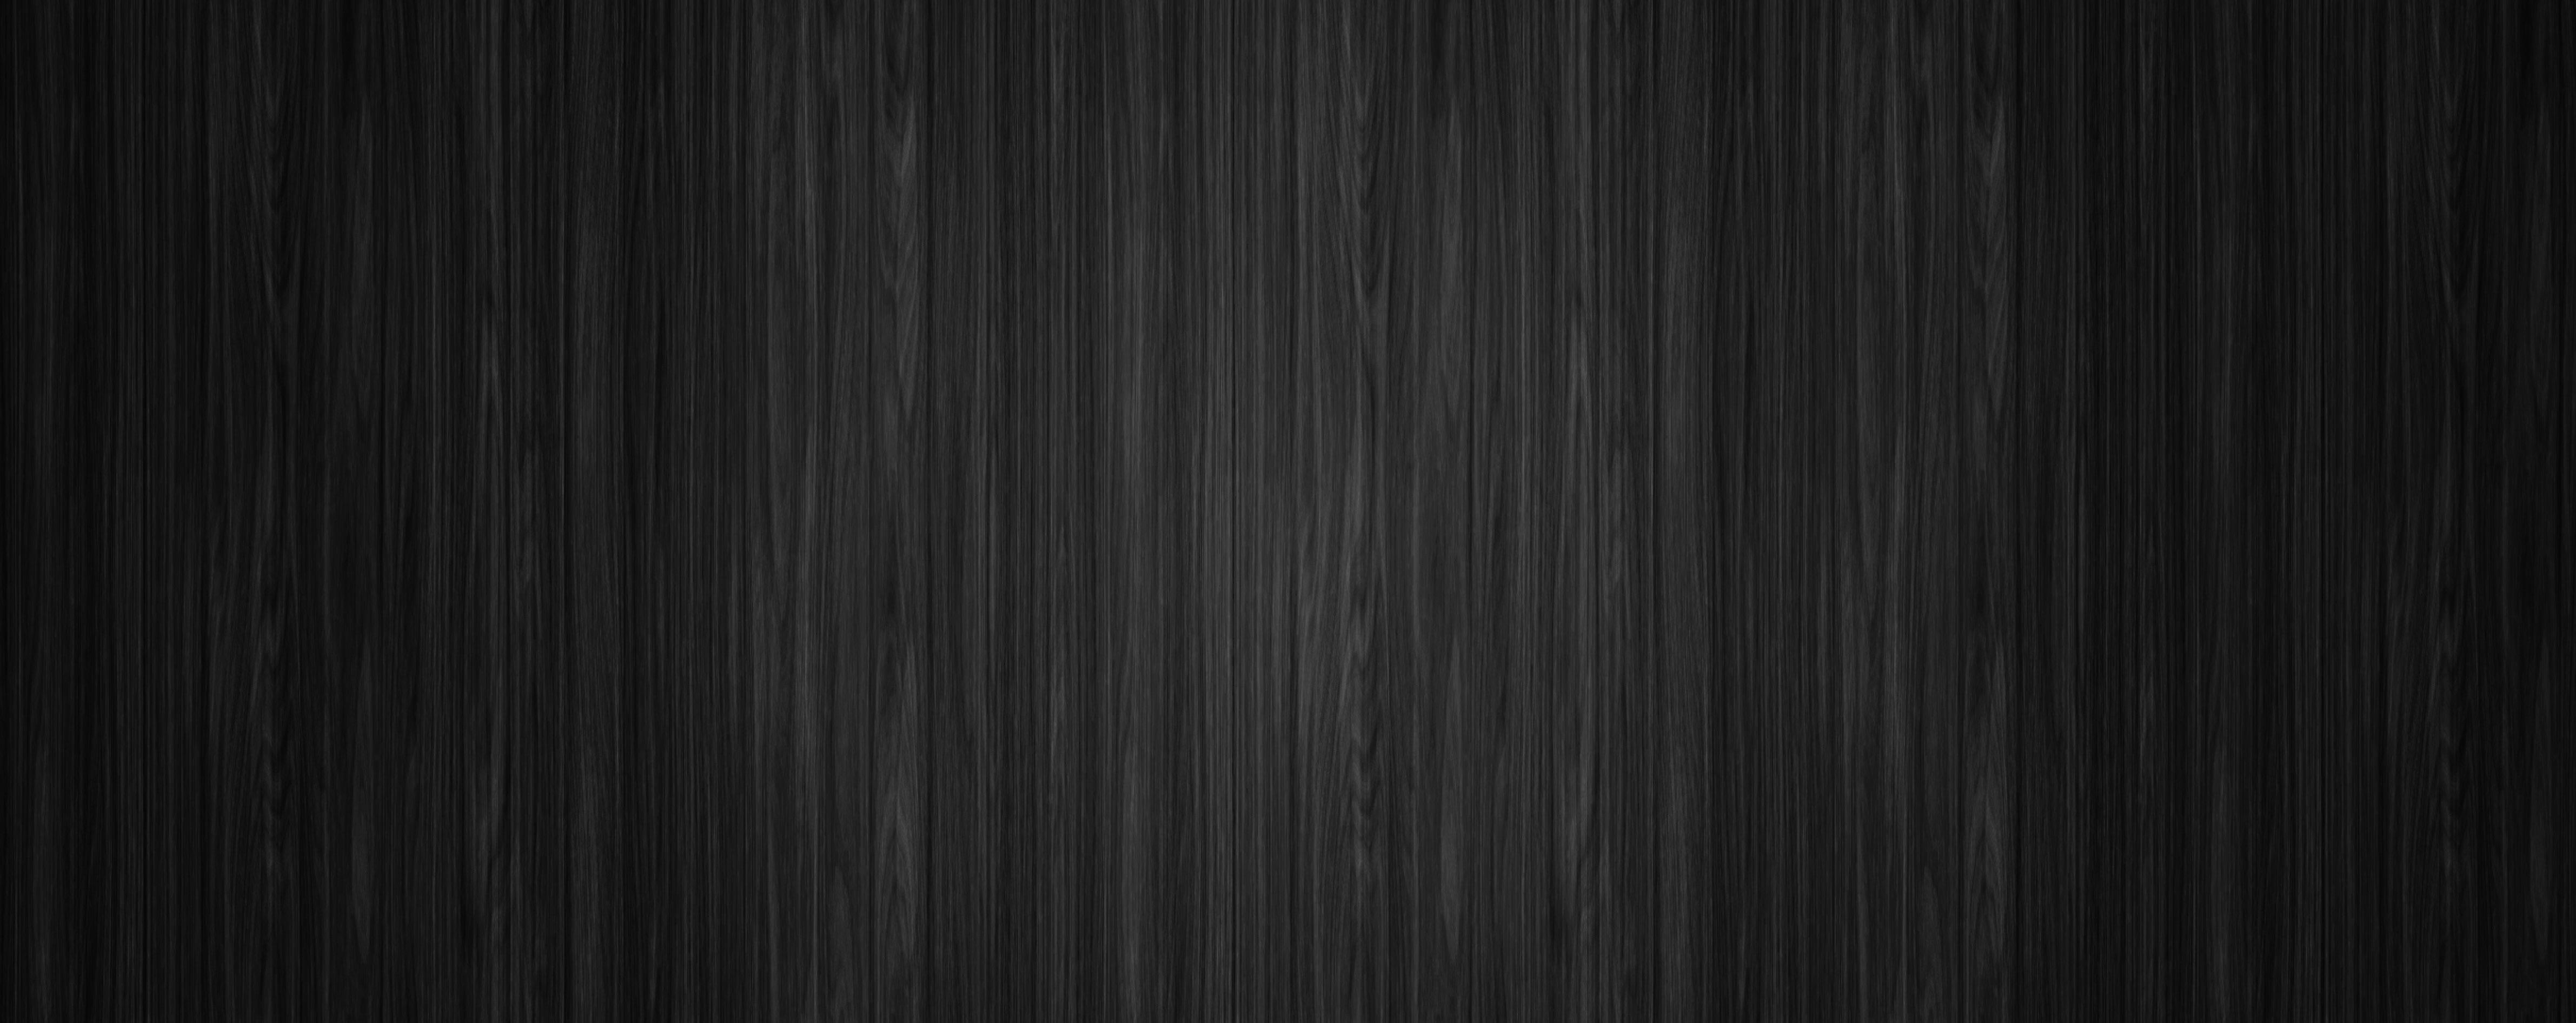 rk17-background